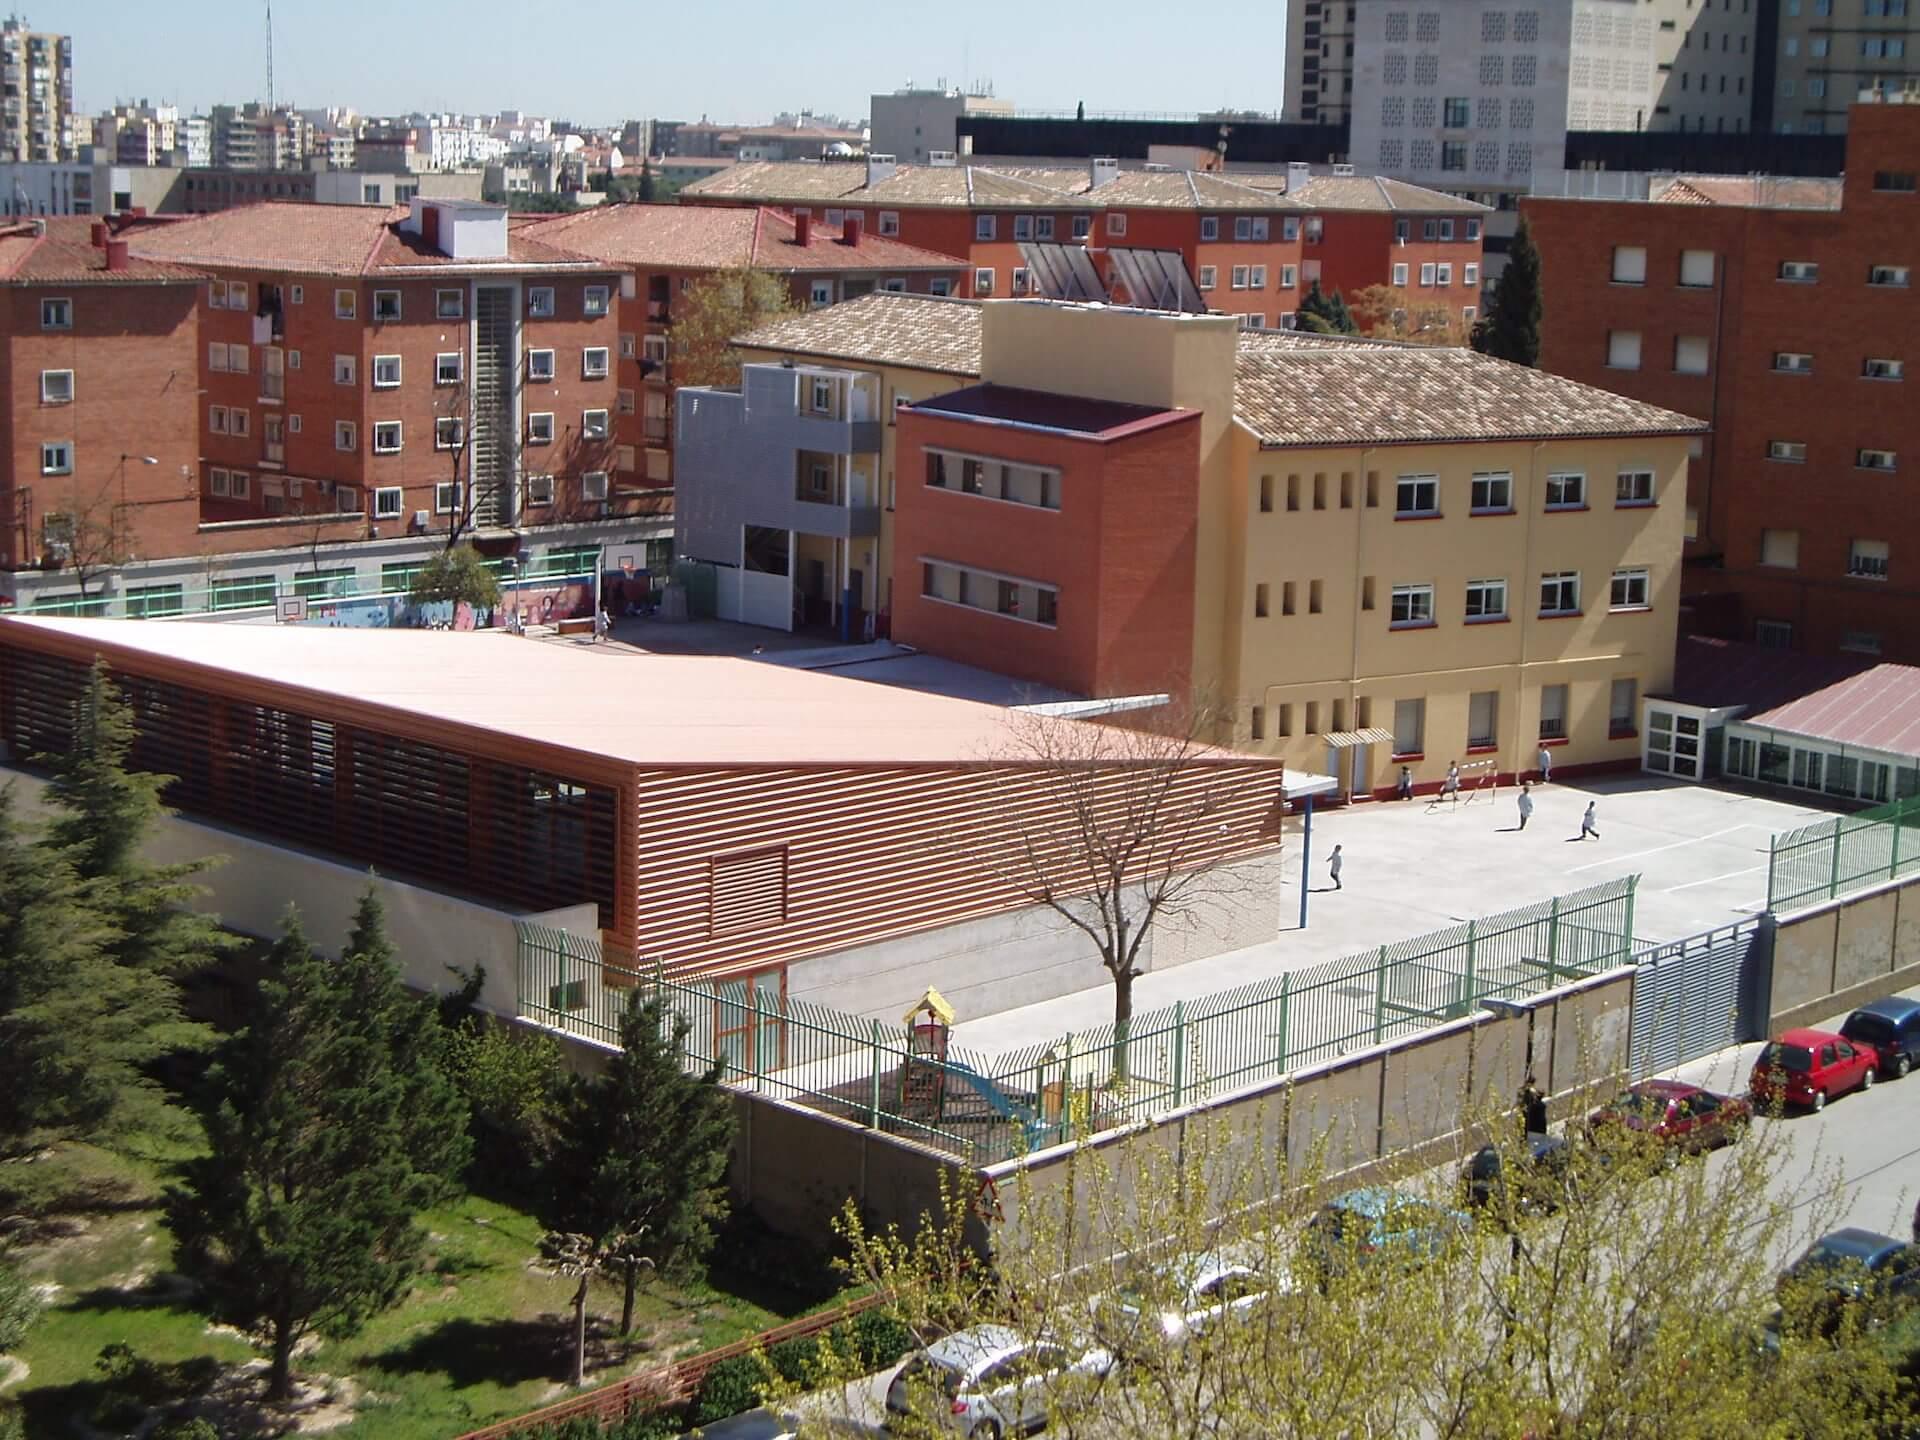 Colegio Santa María Reina - Zaragoza